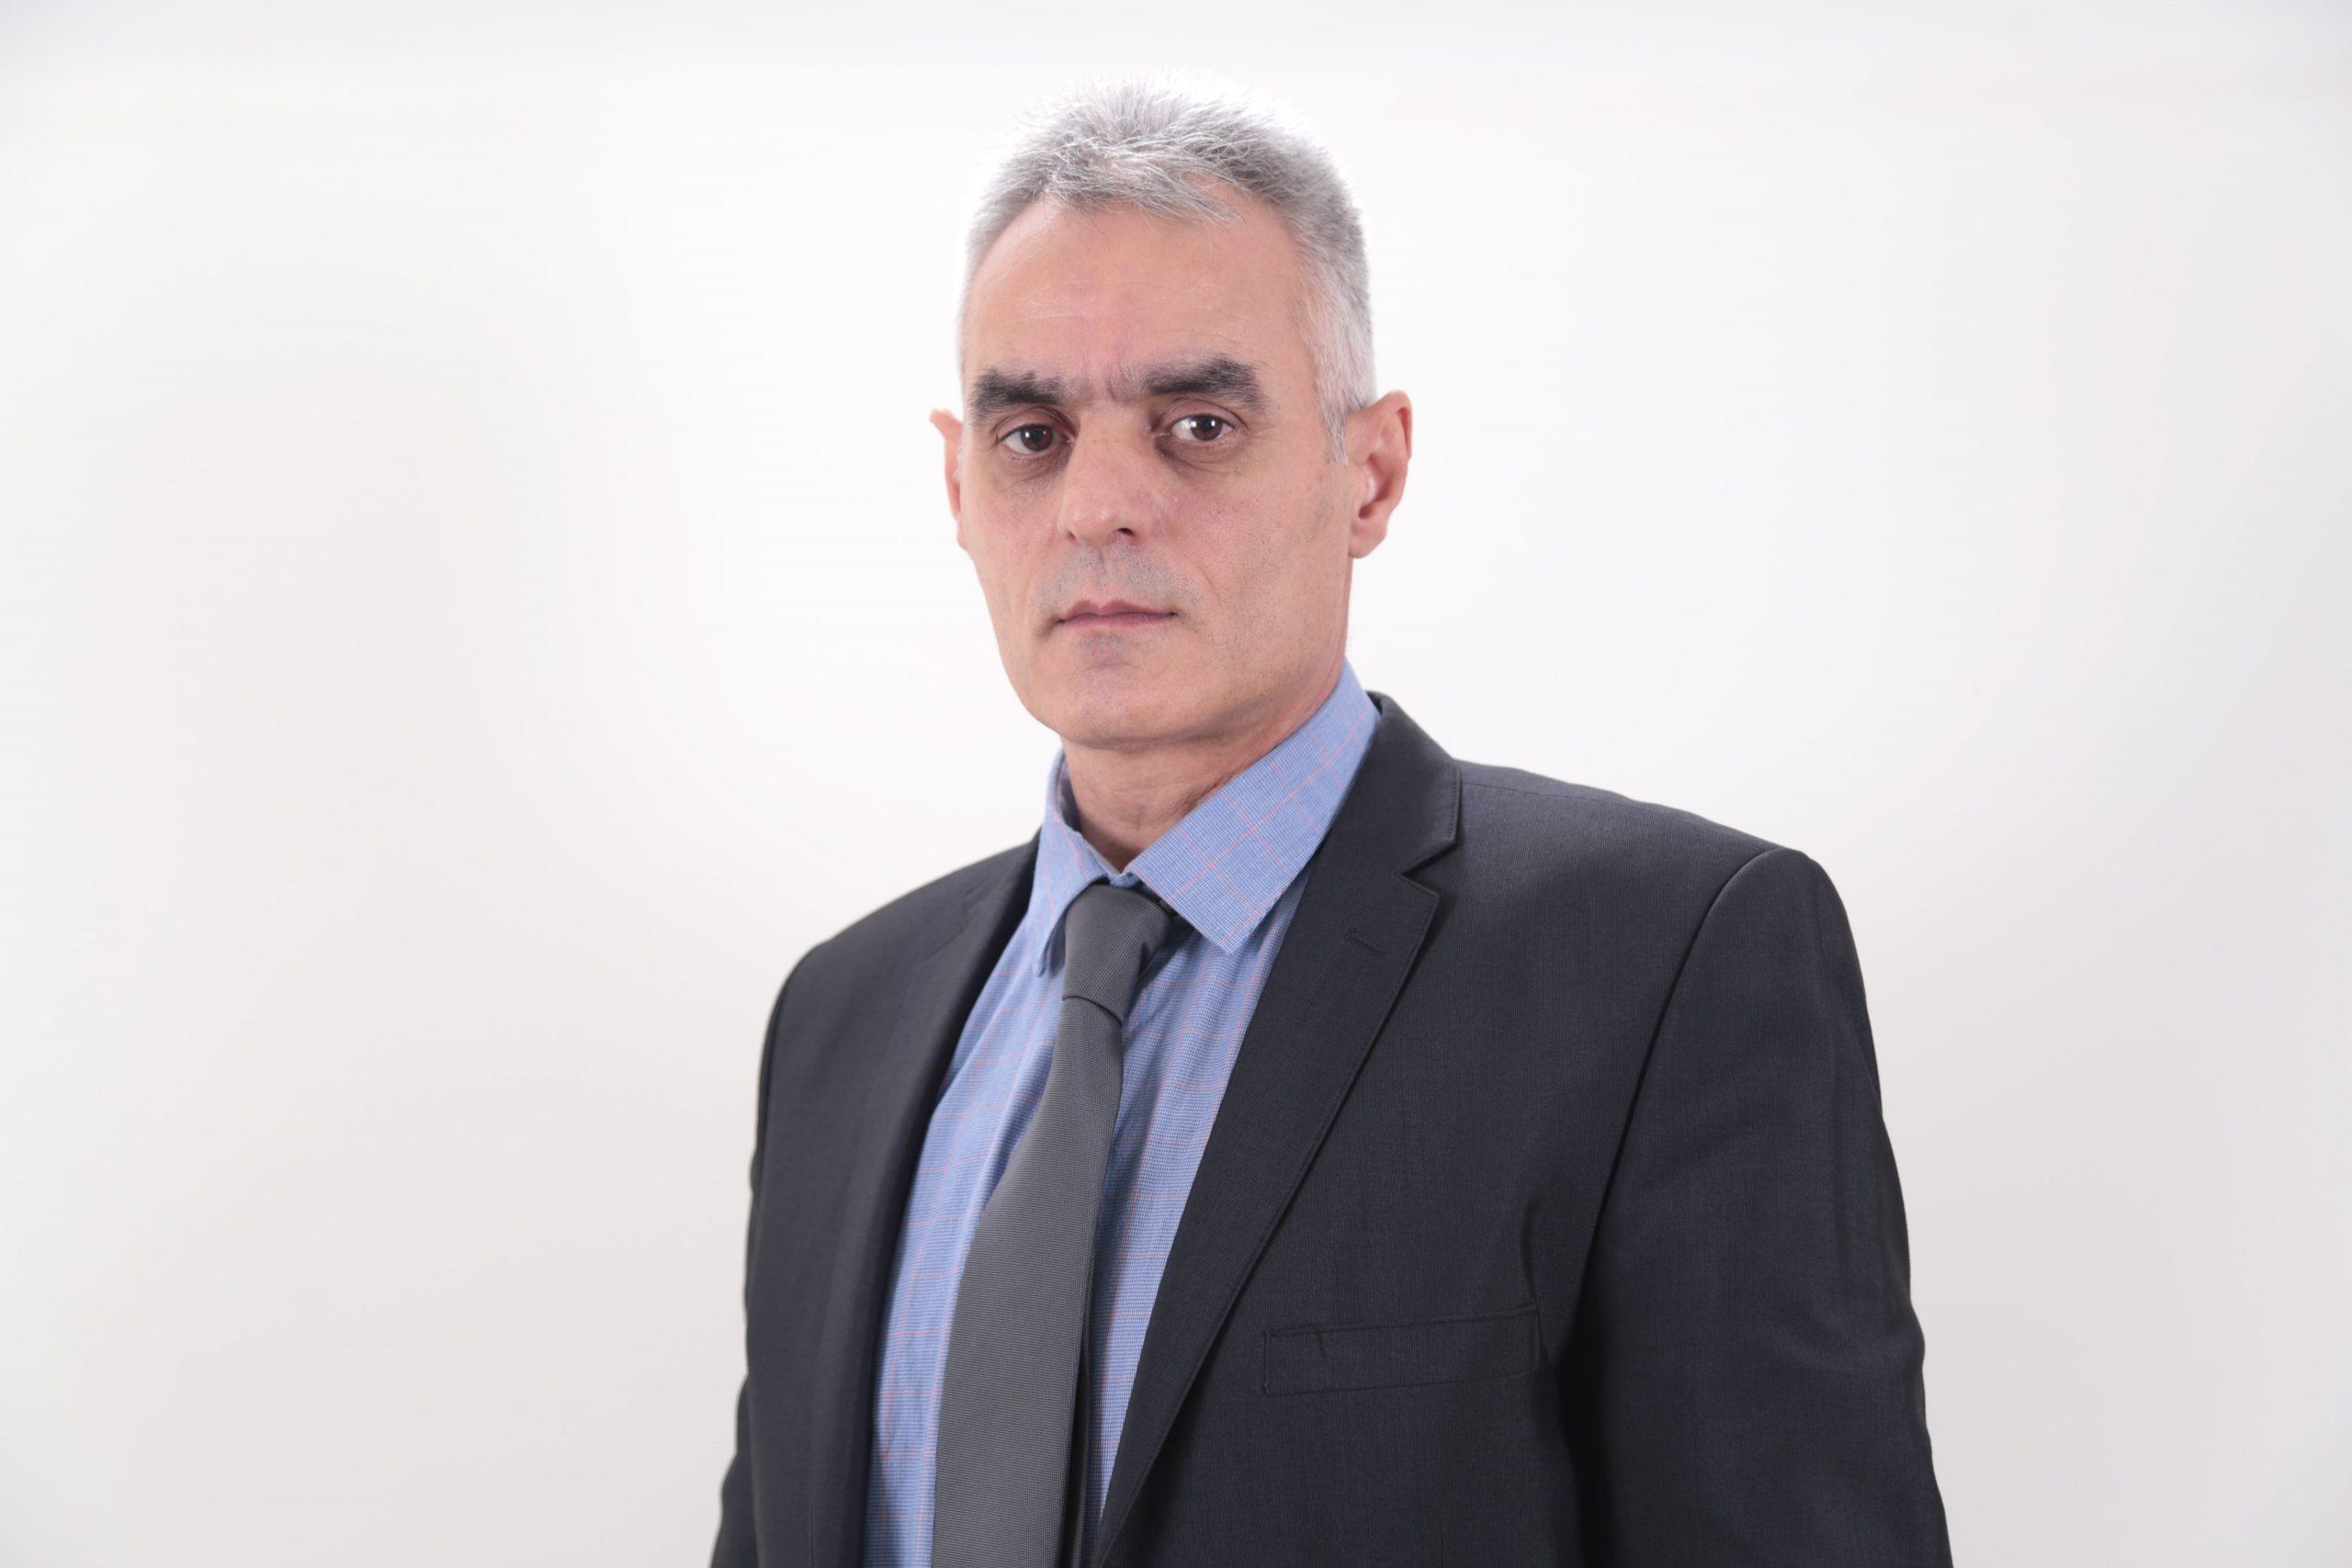 Fatmir Azemi